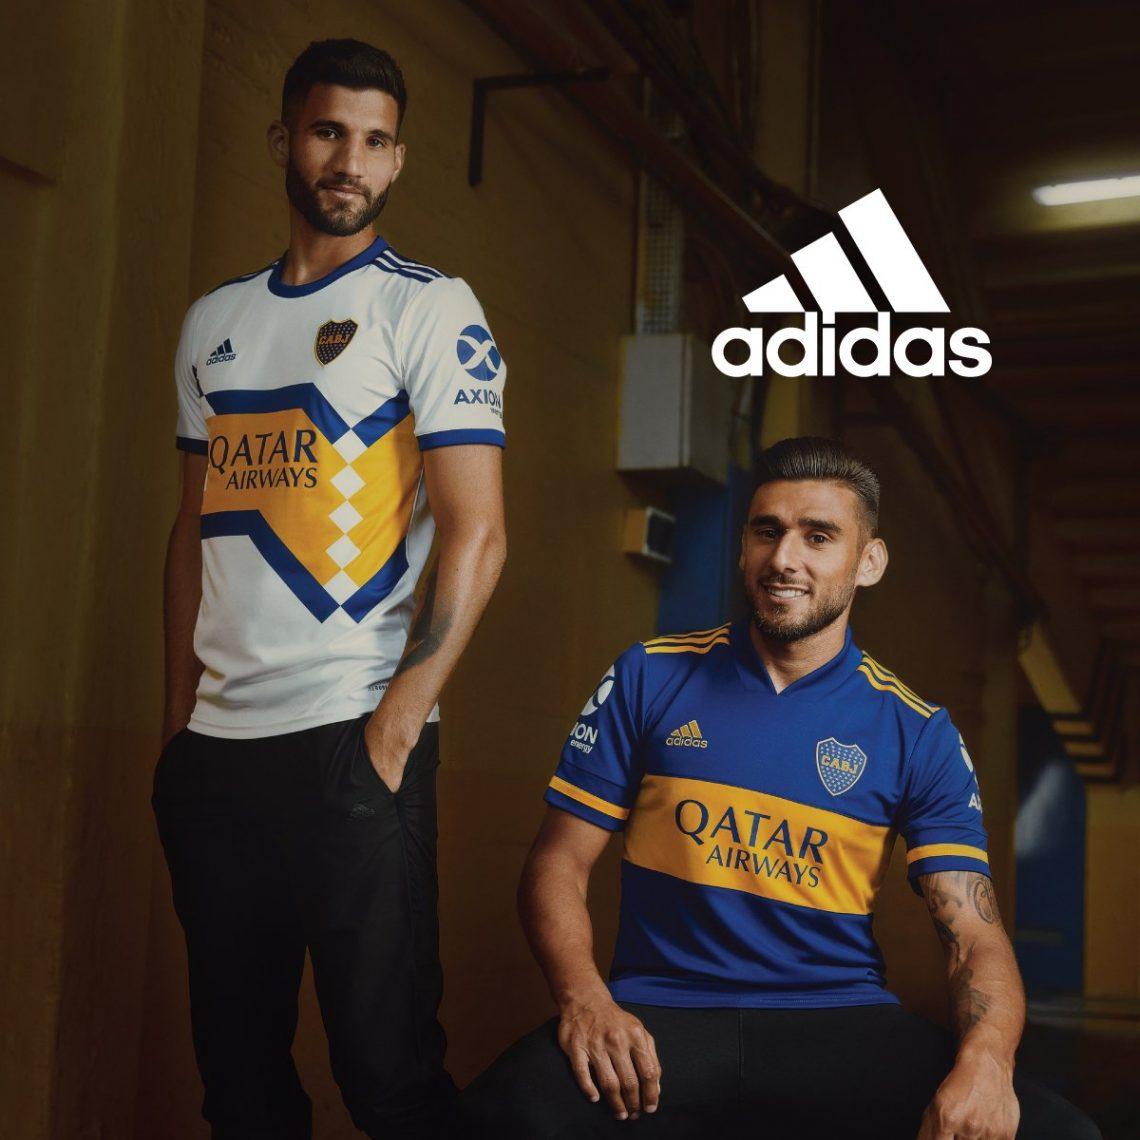 Jersey baru Adidas untuk Boca Juniors